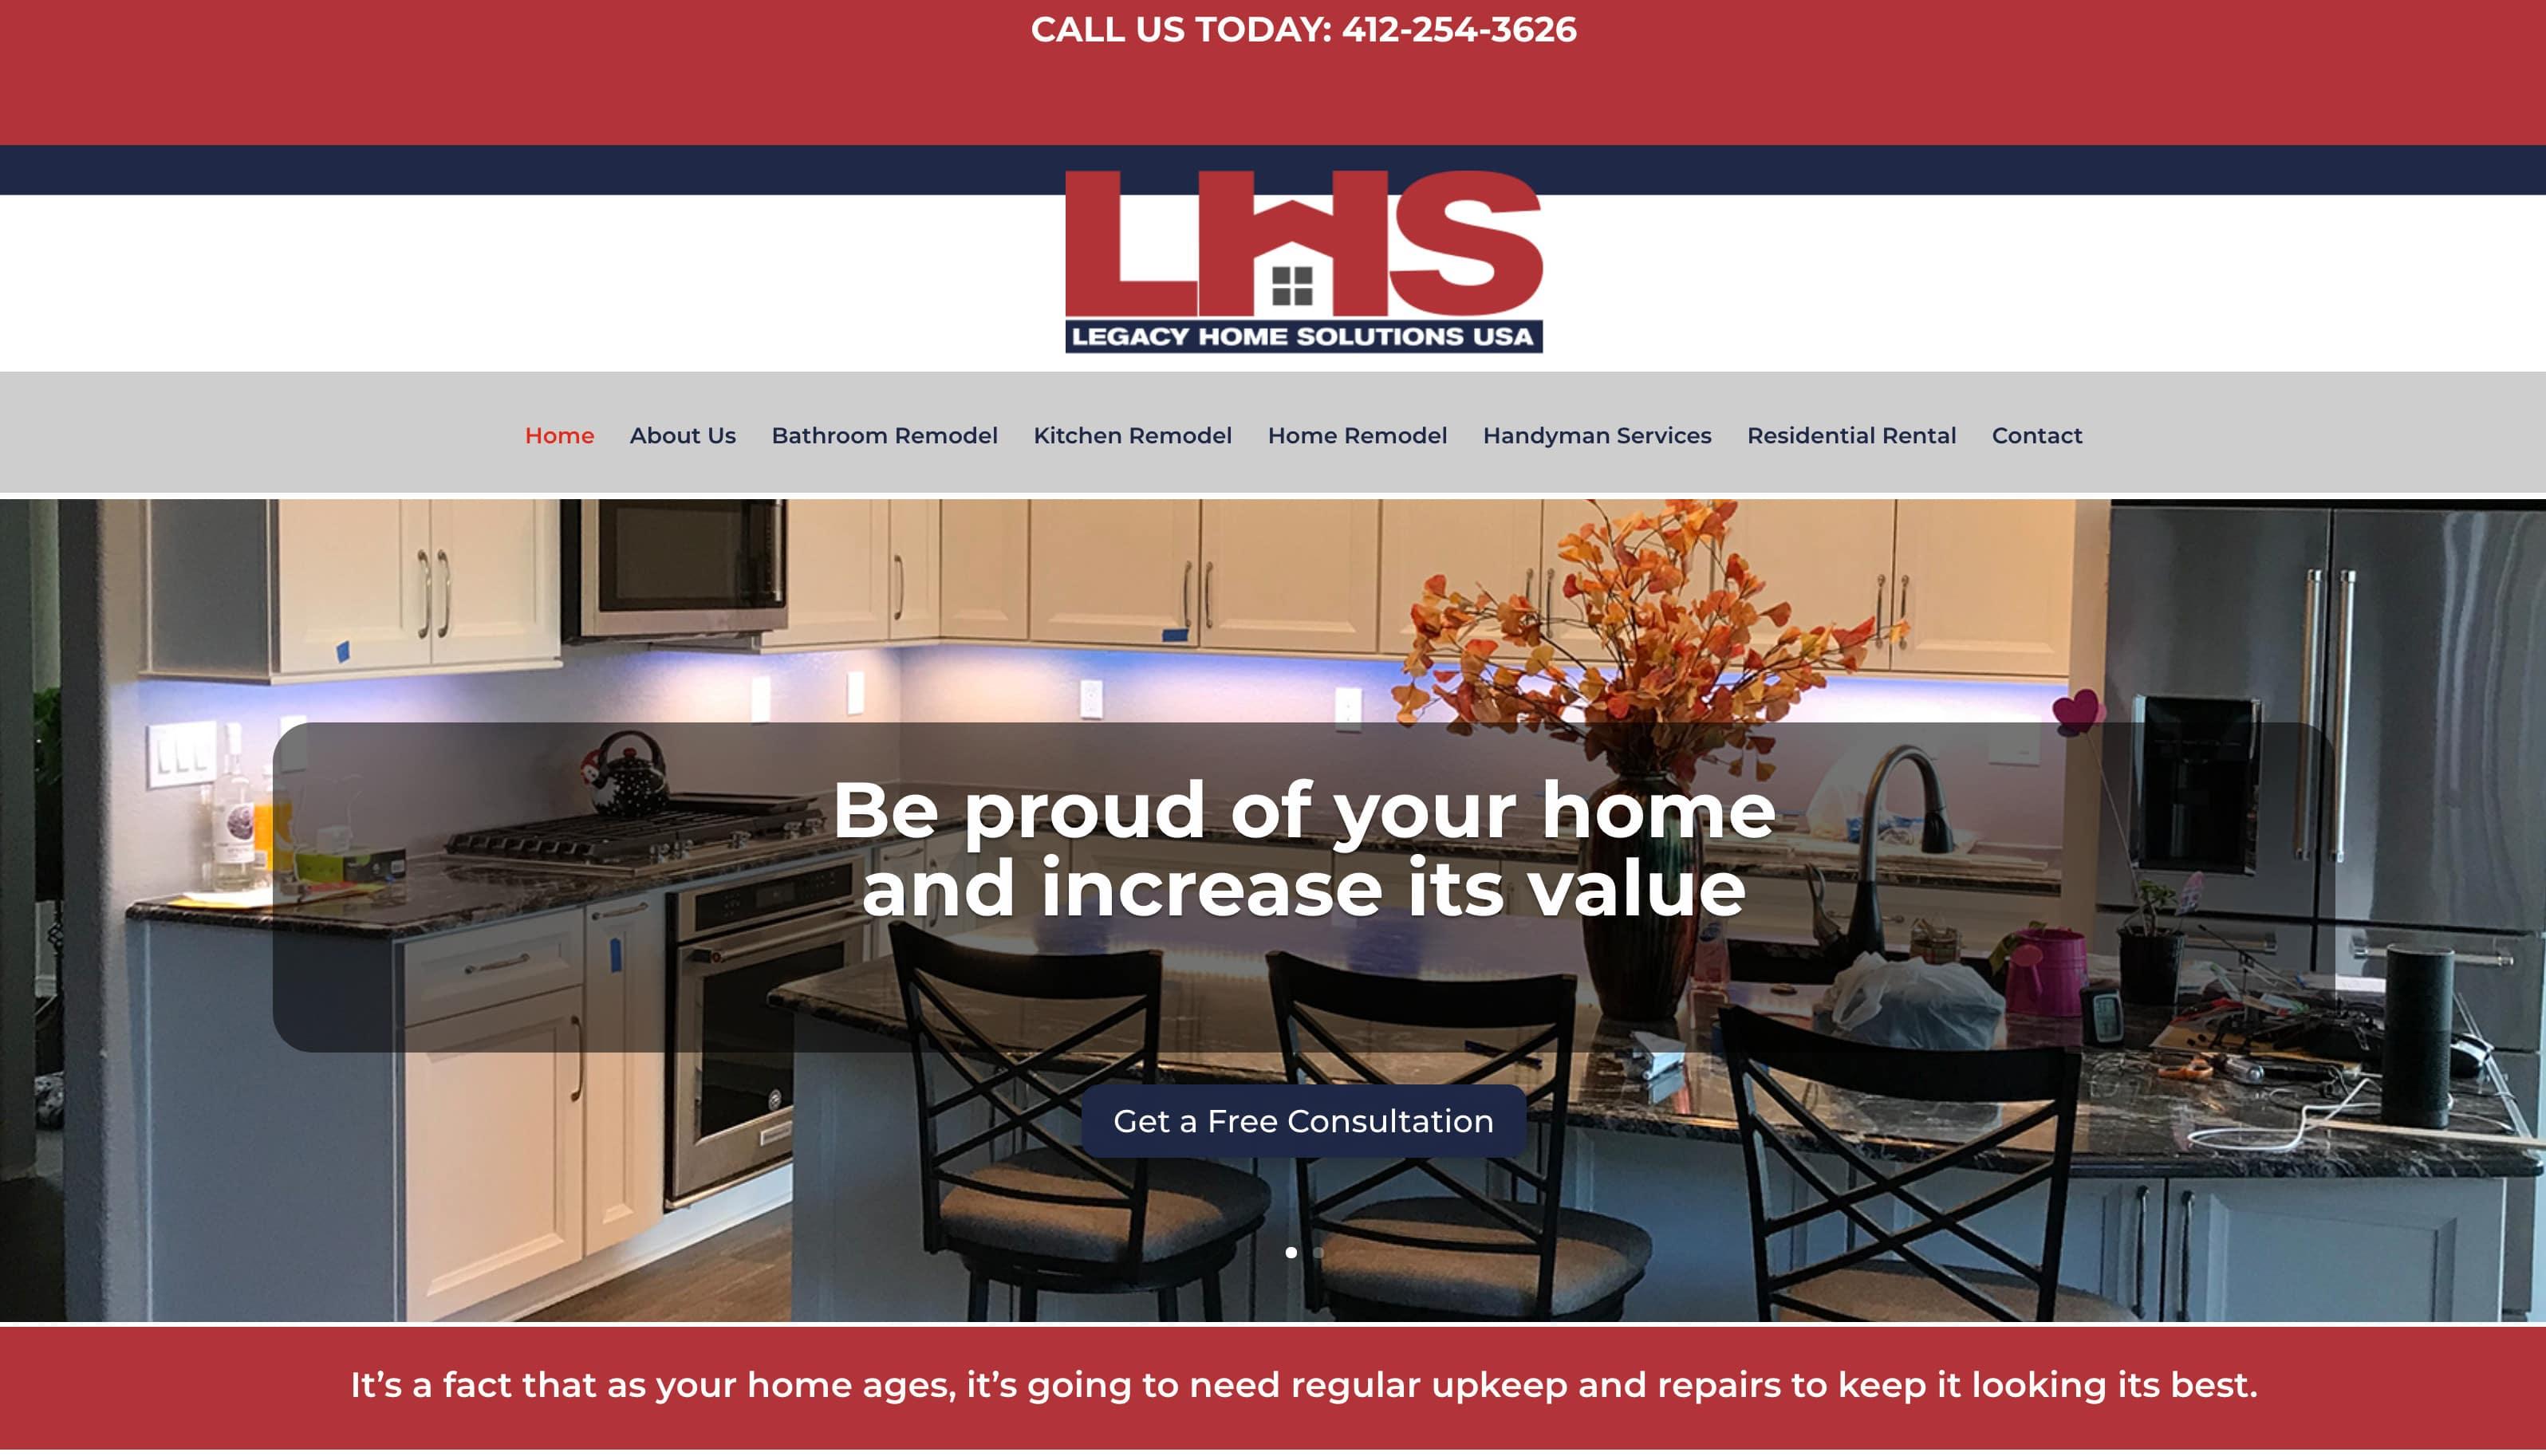 tulsa website design 4